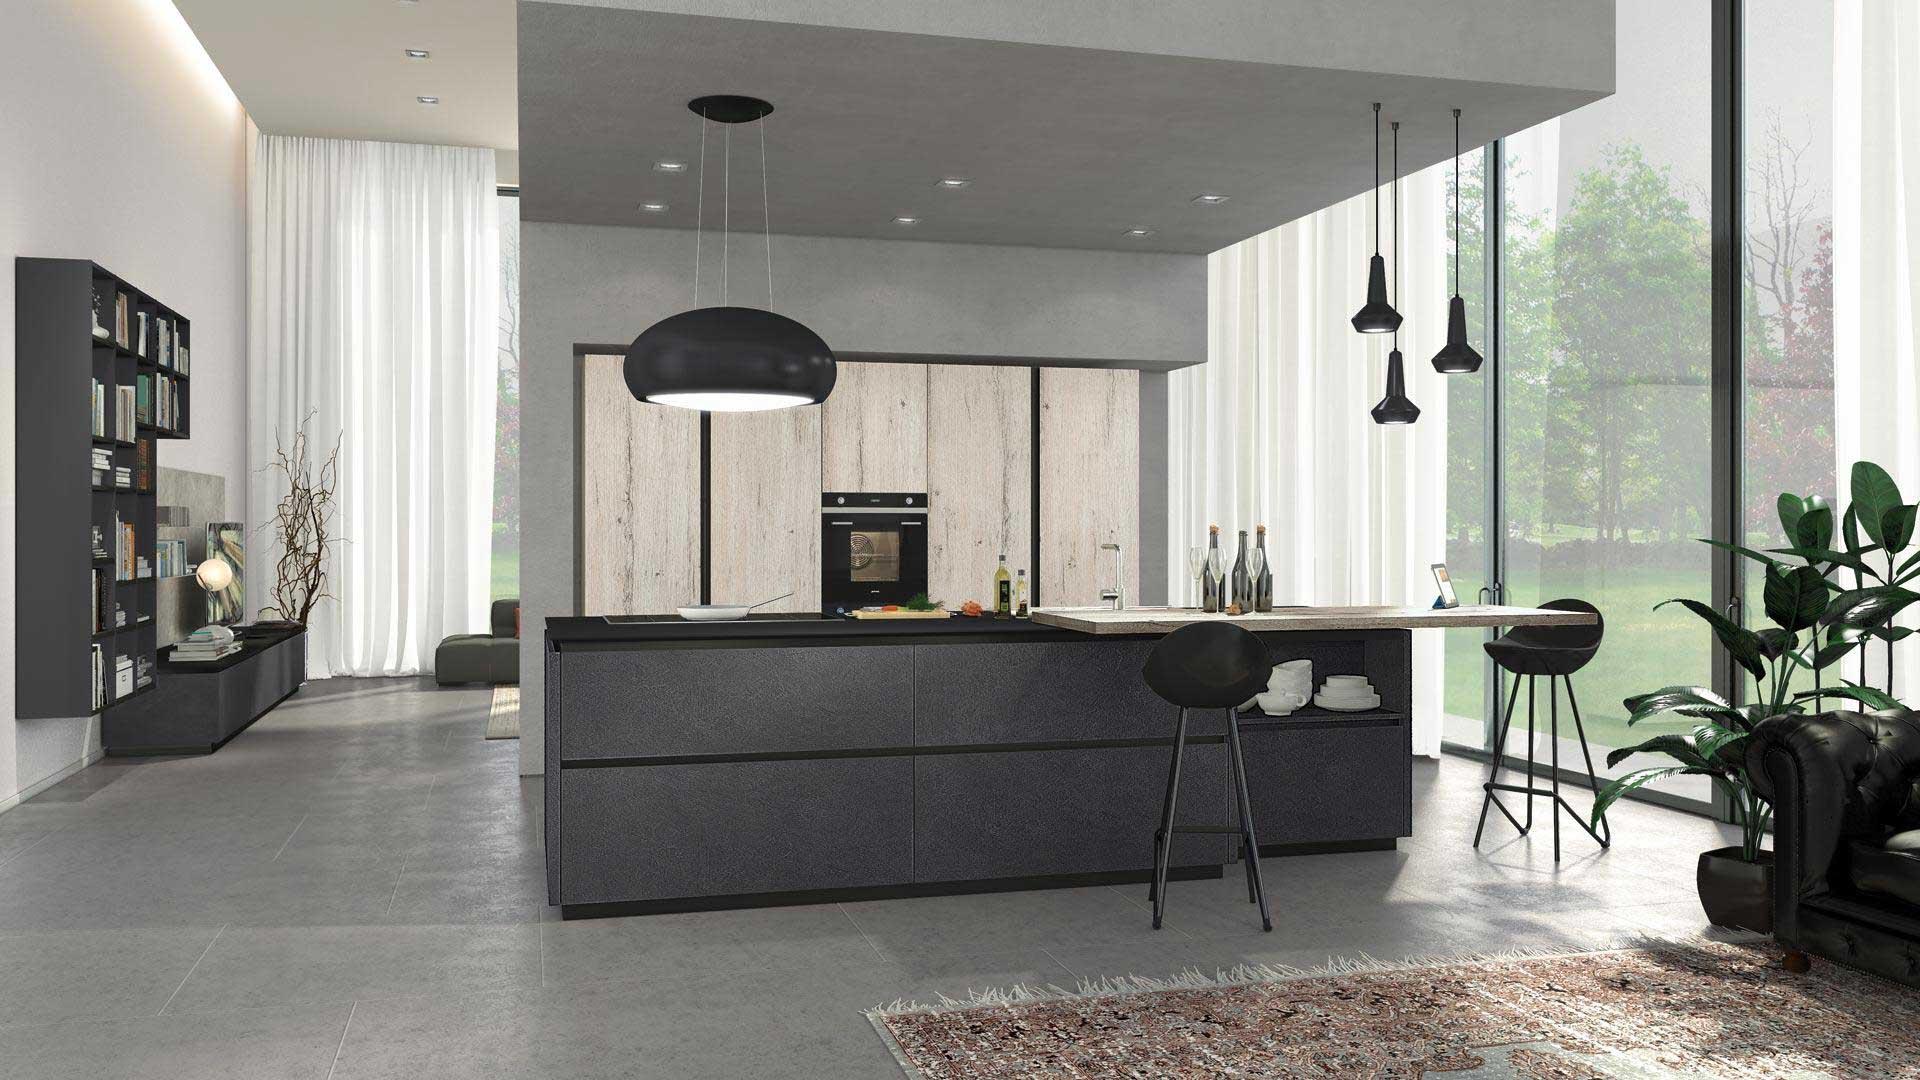 Lube cucina oltre design materico - Lube cucine moderne ...